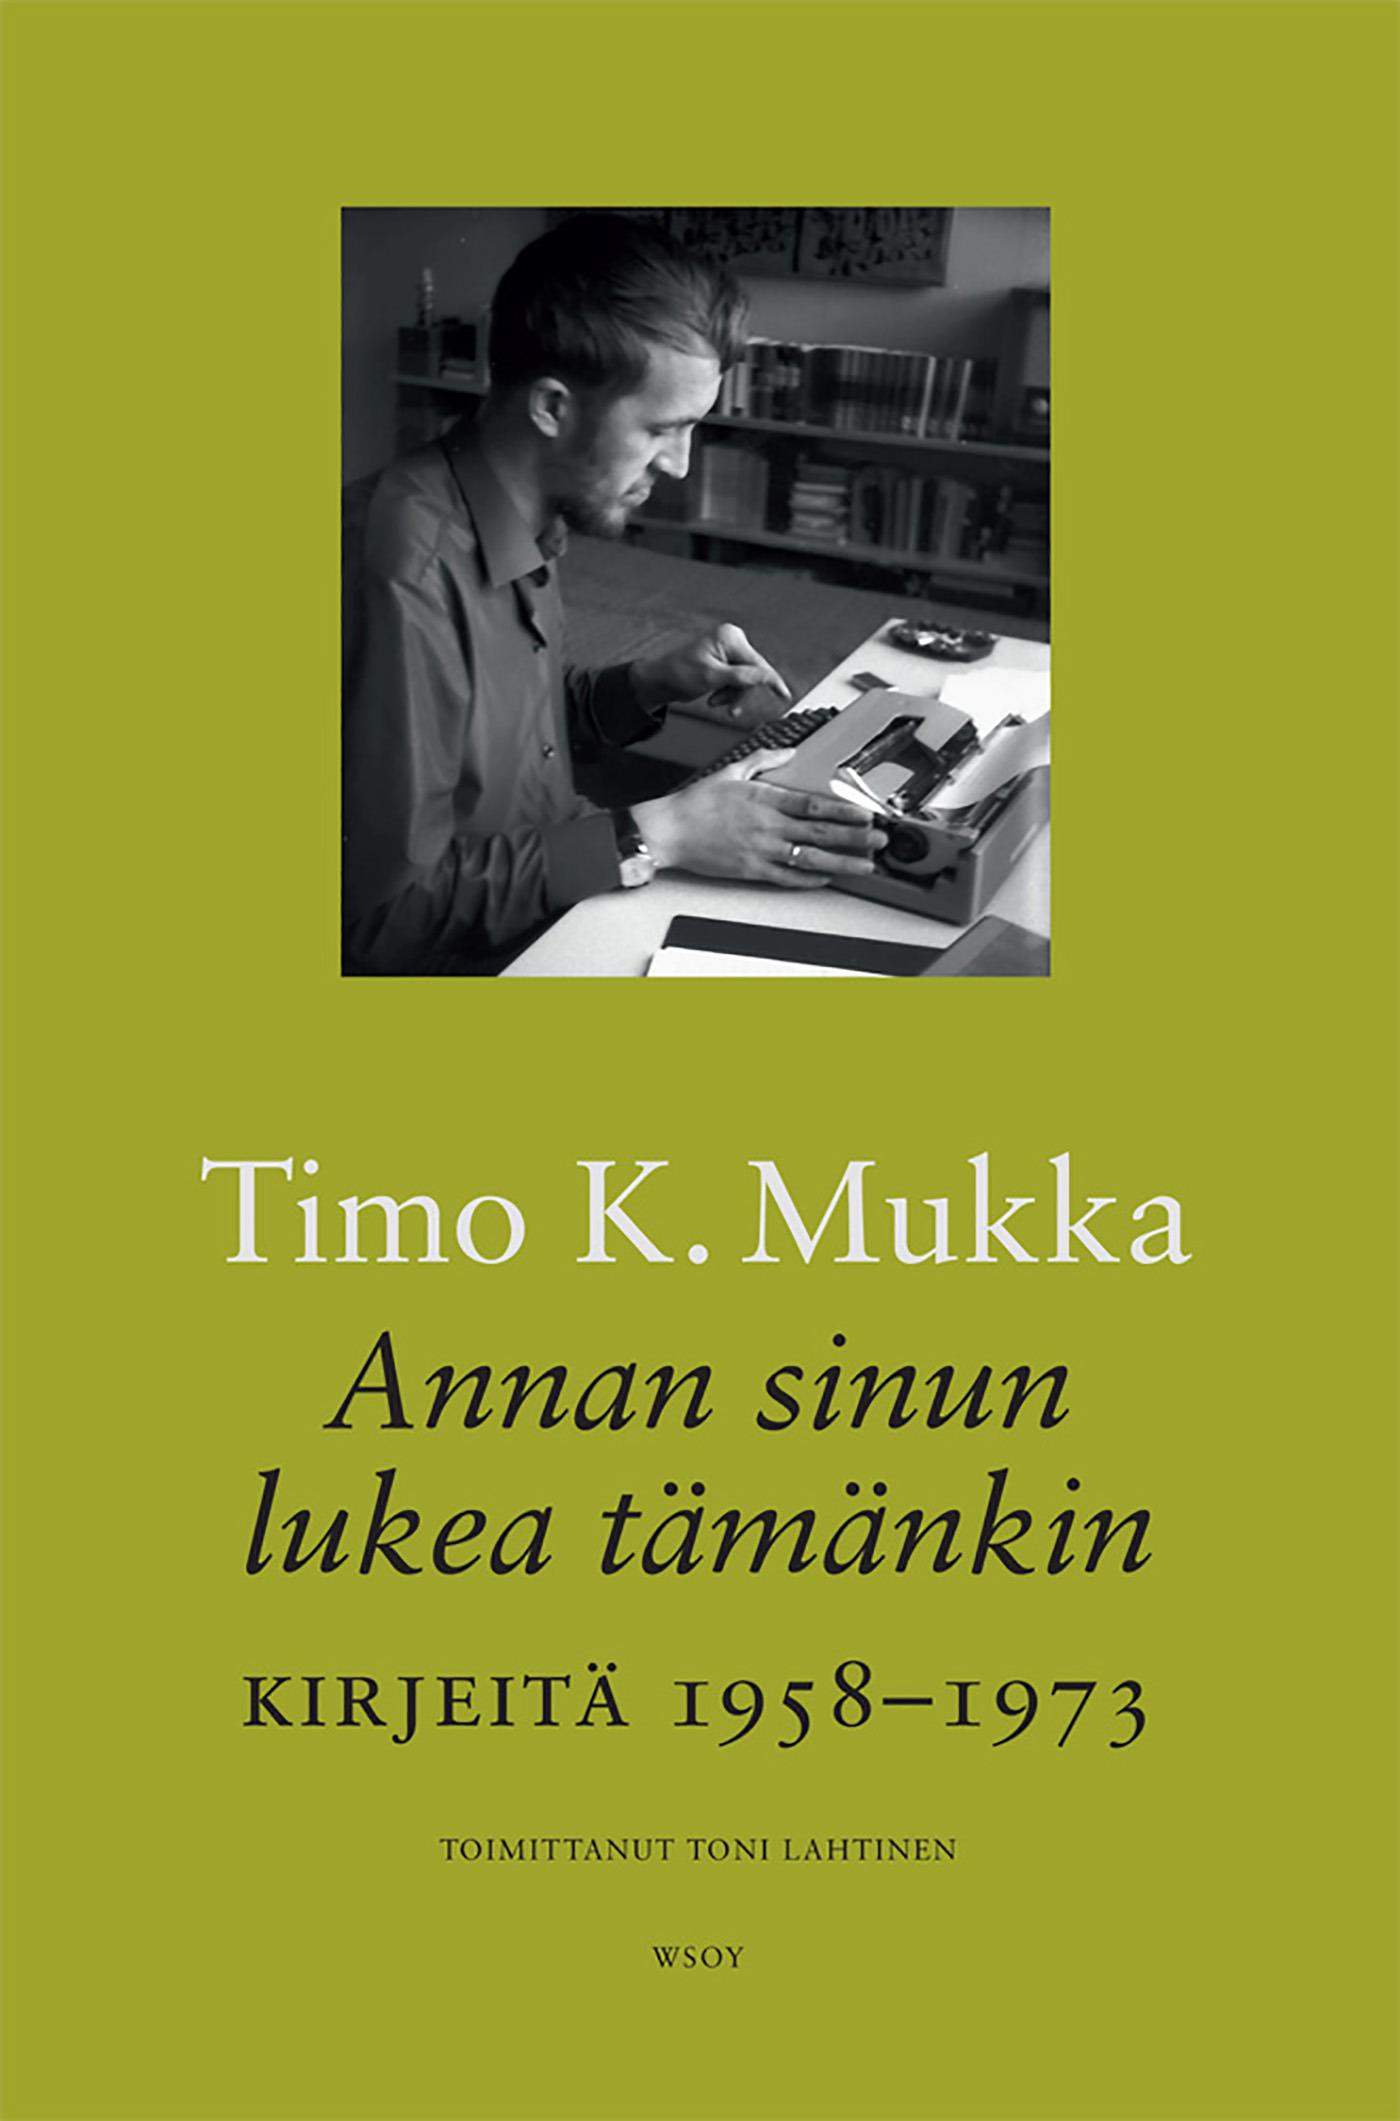 Lahtinen, Toni - Annan sinun lukea tämänkin: Kirjeitä 1958-1973, e-kirja